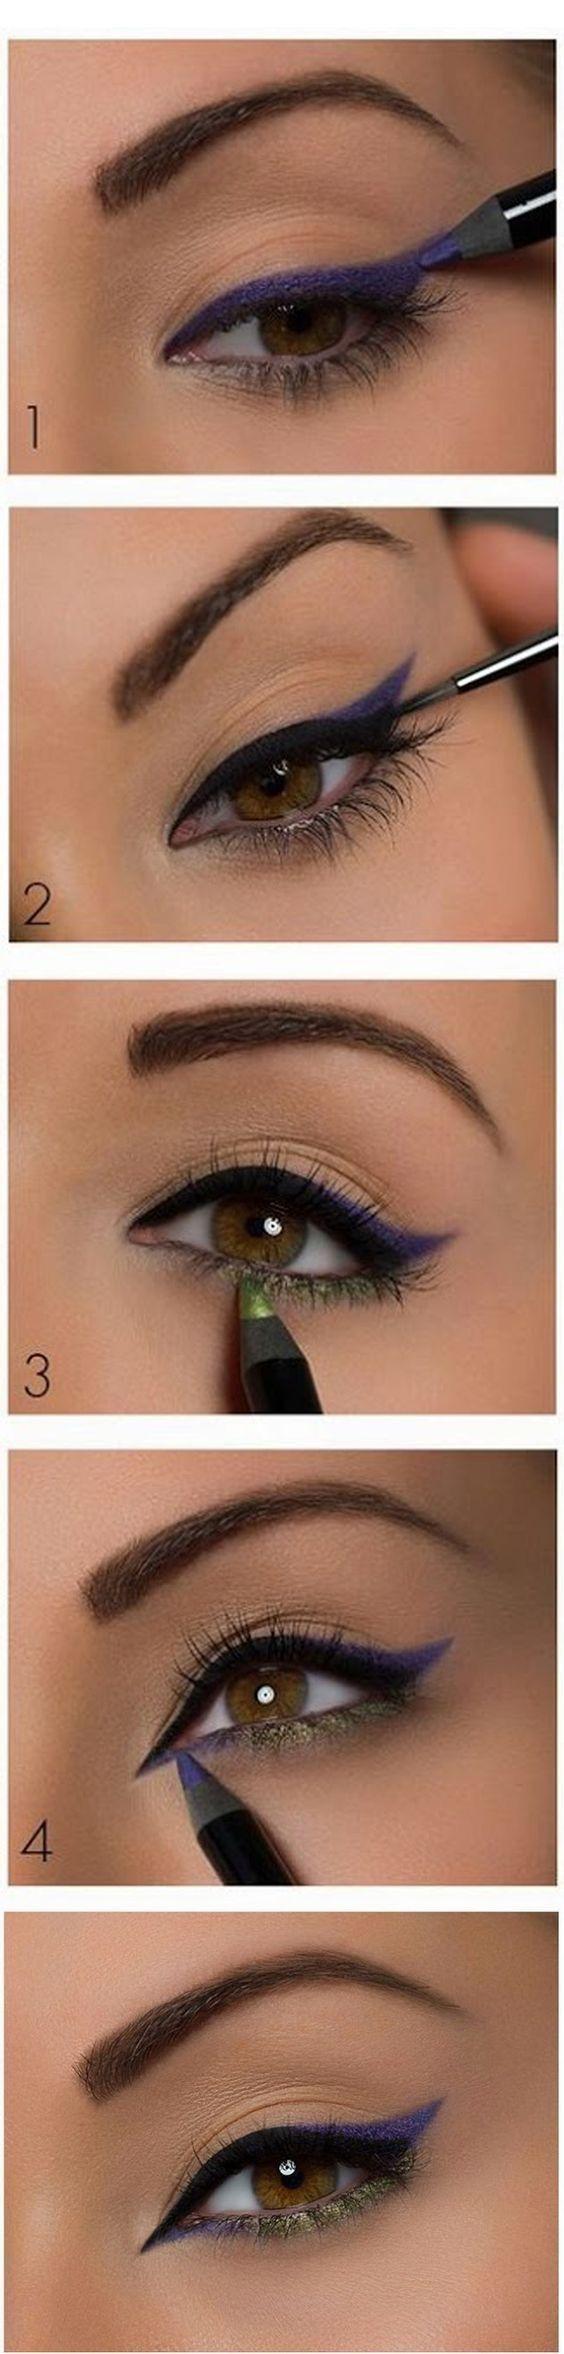 Dale un toque de color a tu delineado.  #Ojos #Tutorial #Eyeliner